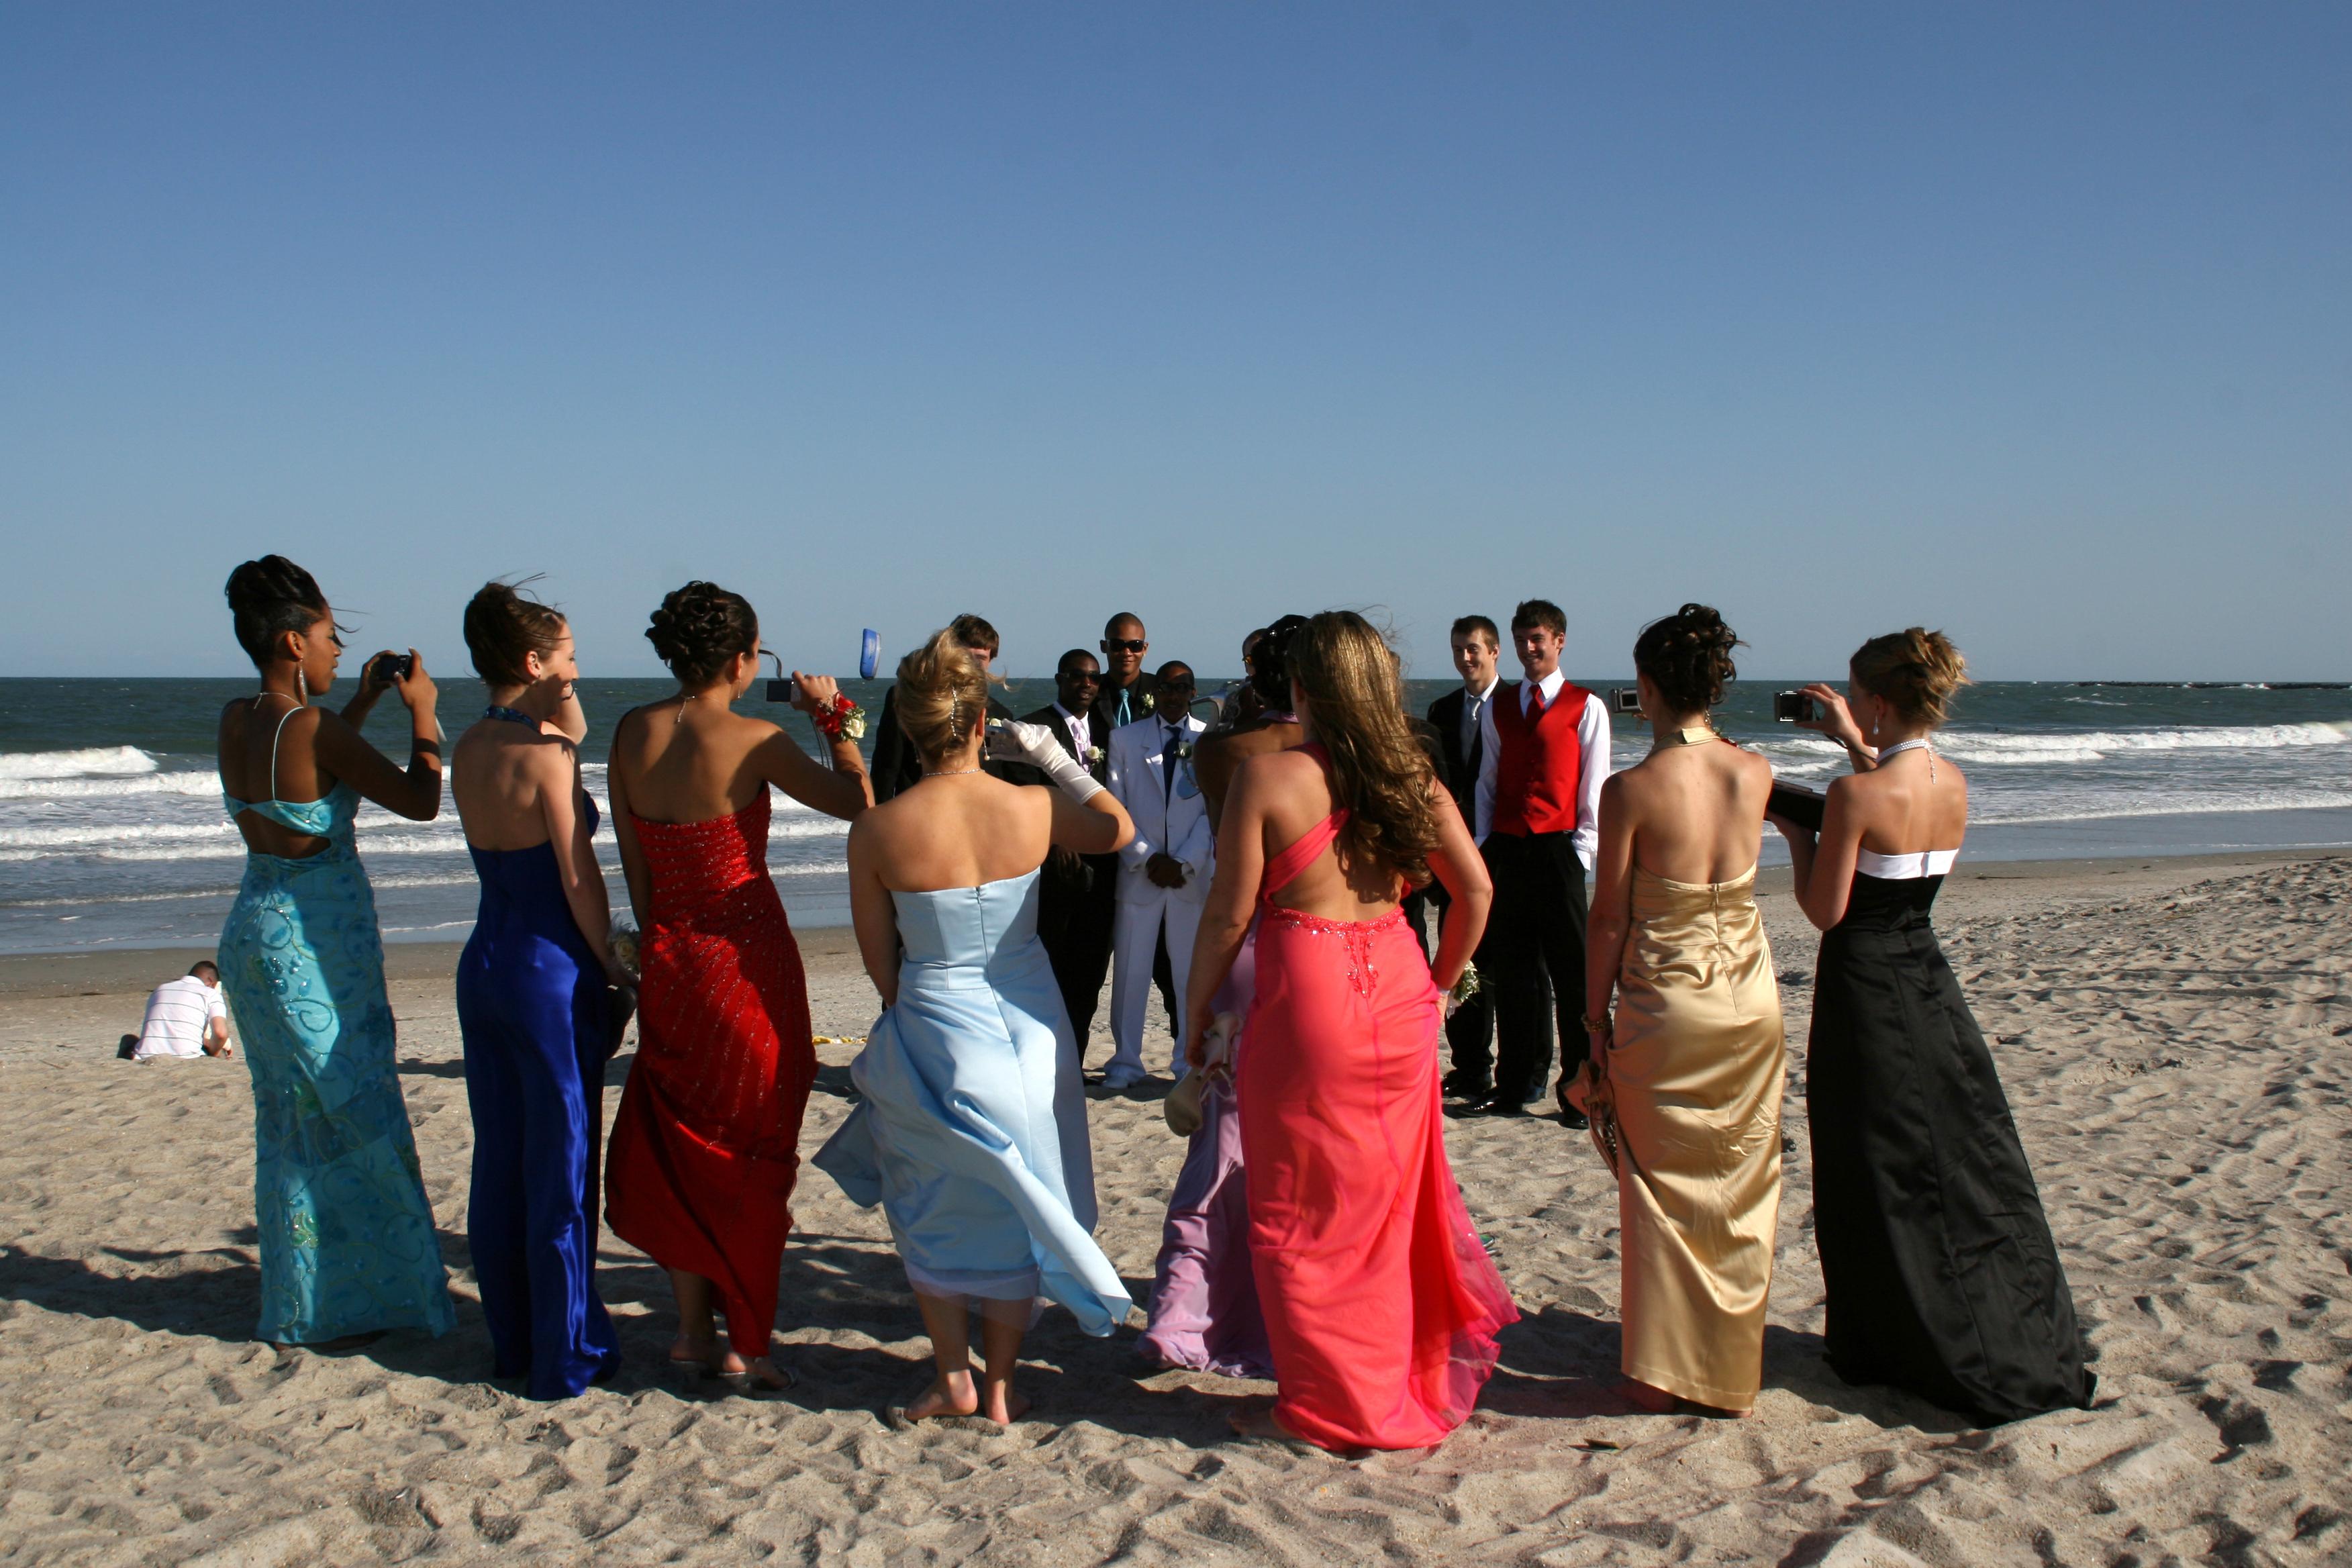 Groups Weddings Carolina Beach Nc Official Tourism Site